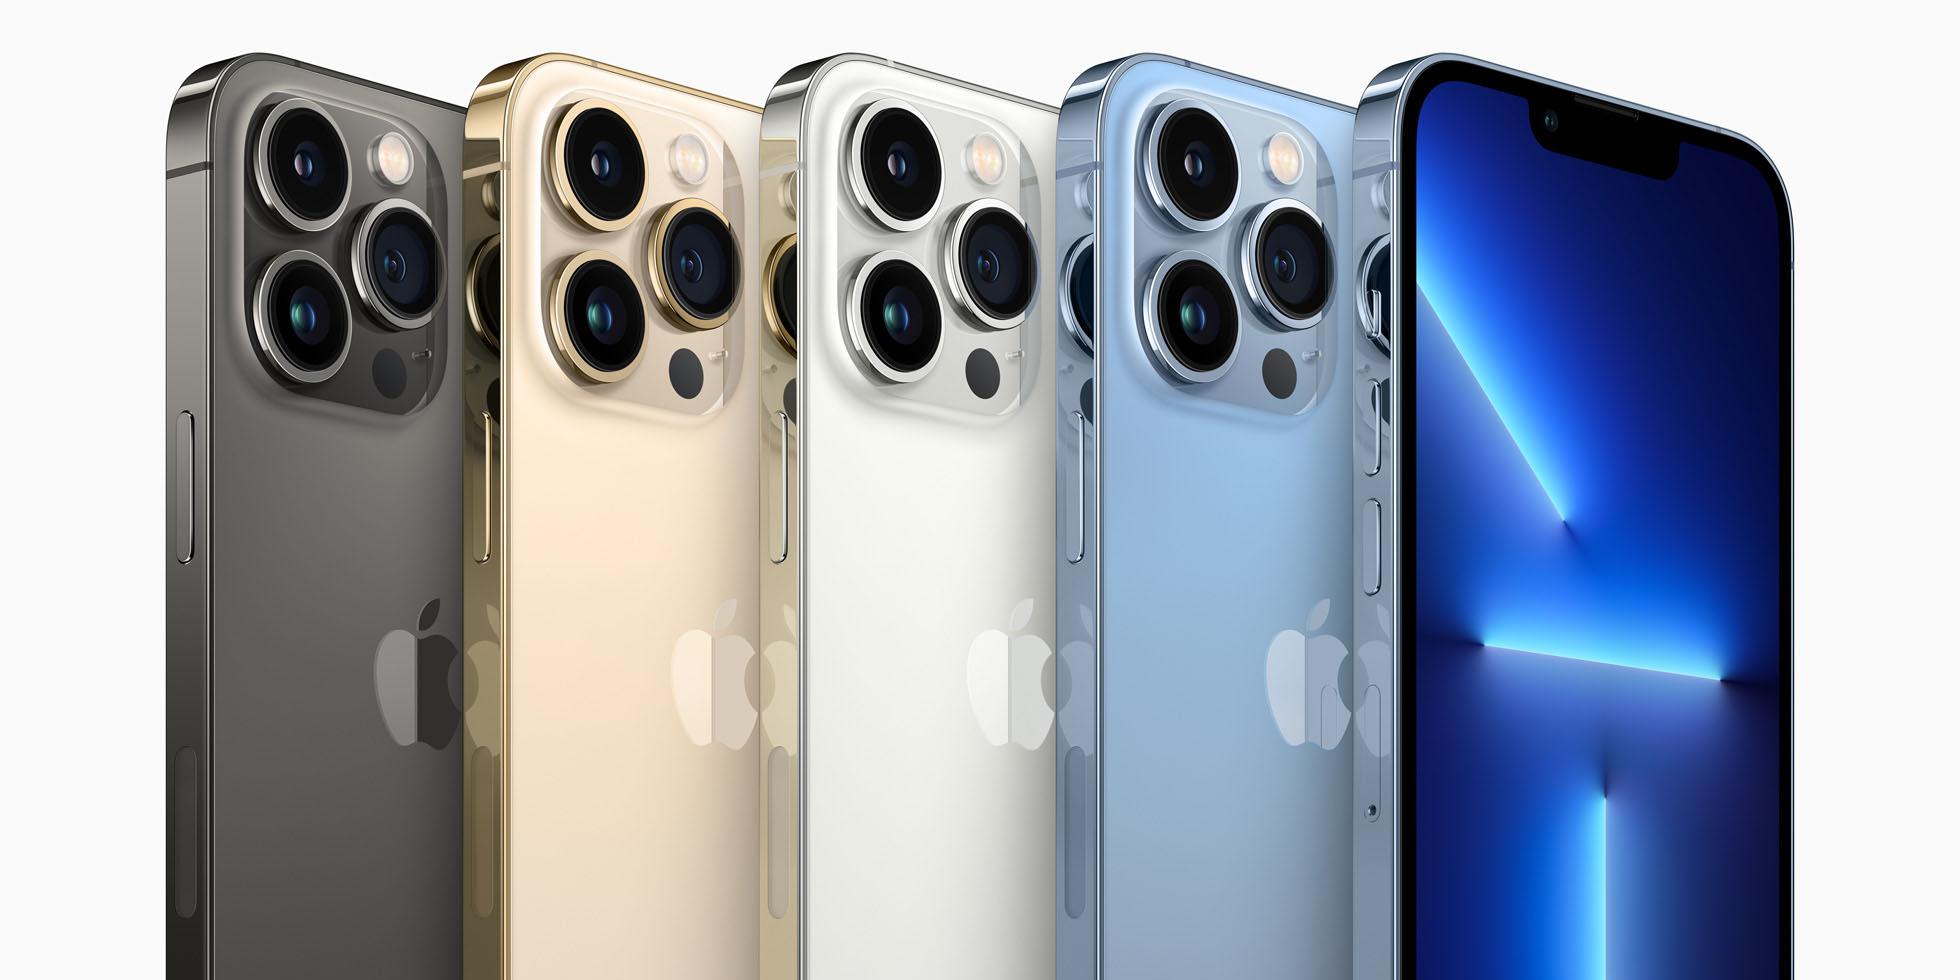 Comment rejoindre le UK iPhone Upgrade Program lorsque vous commandez votre iPhone 13